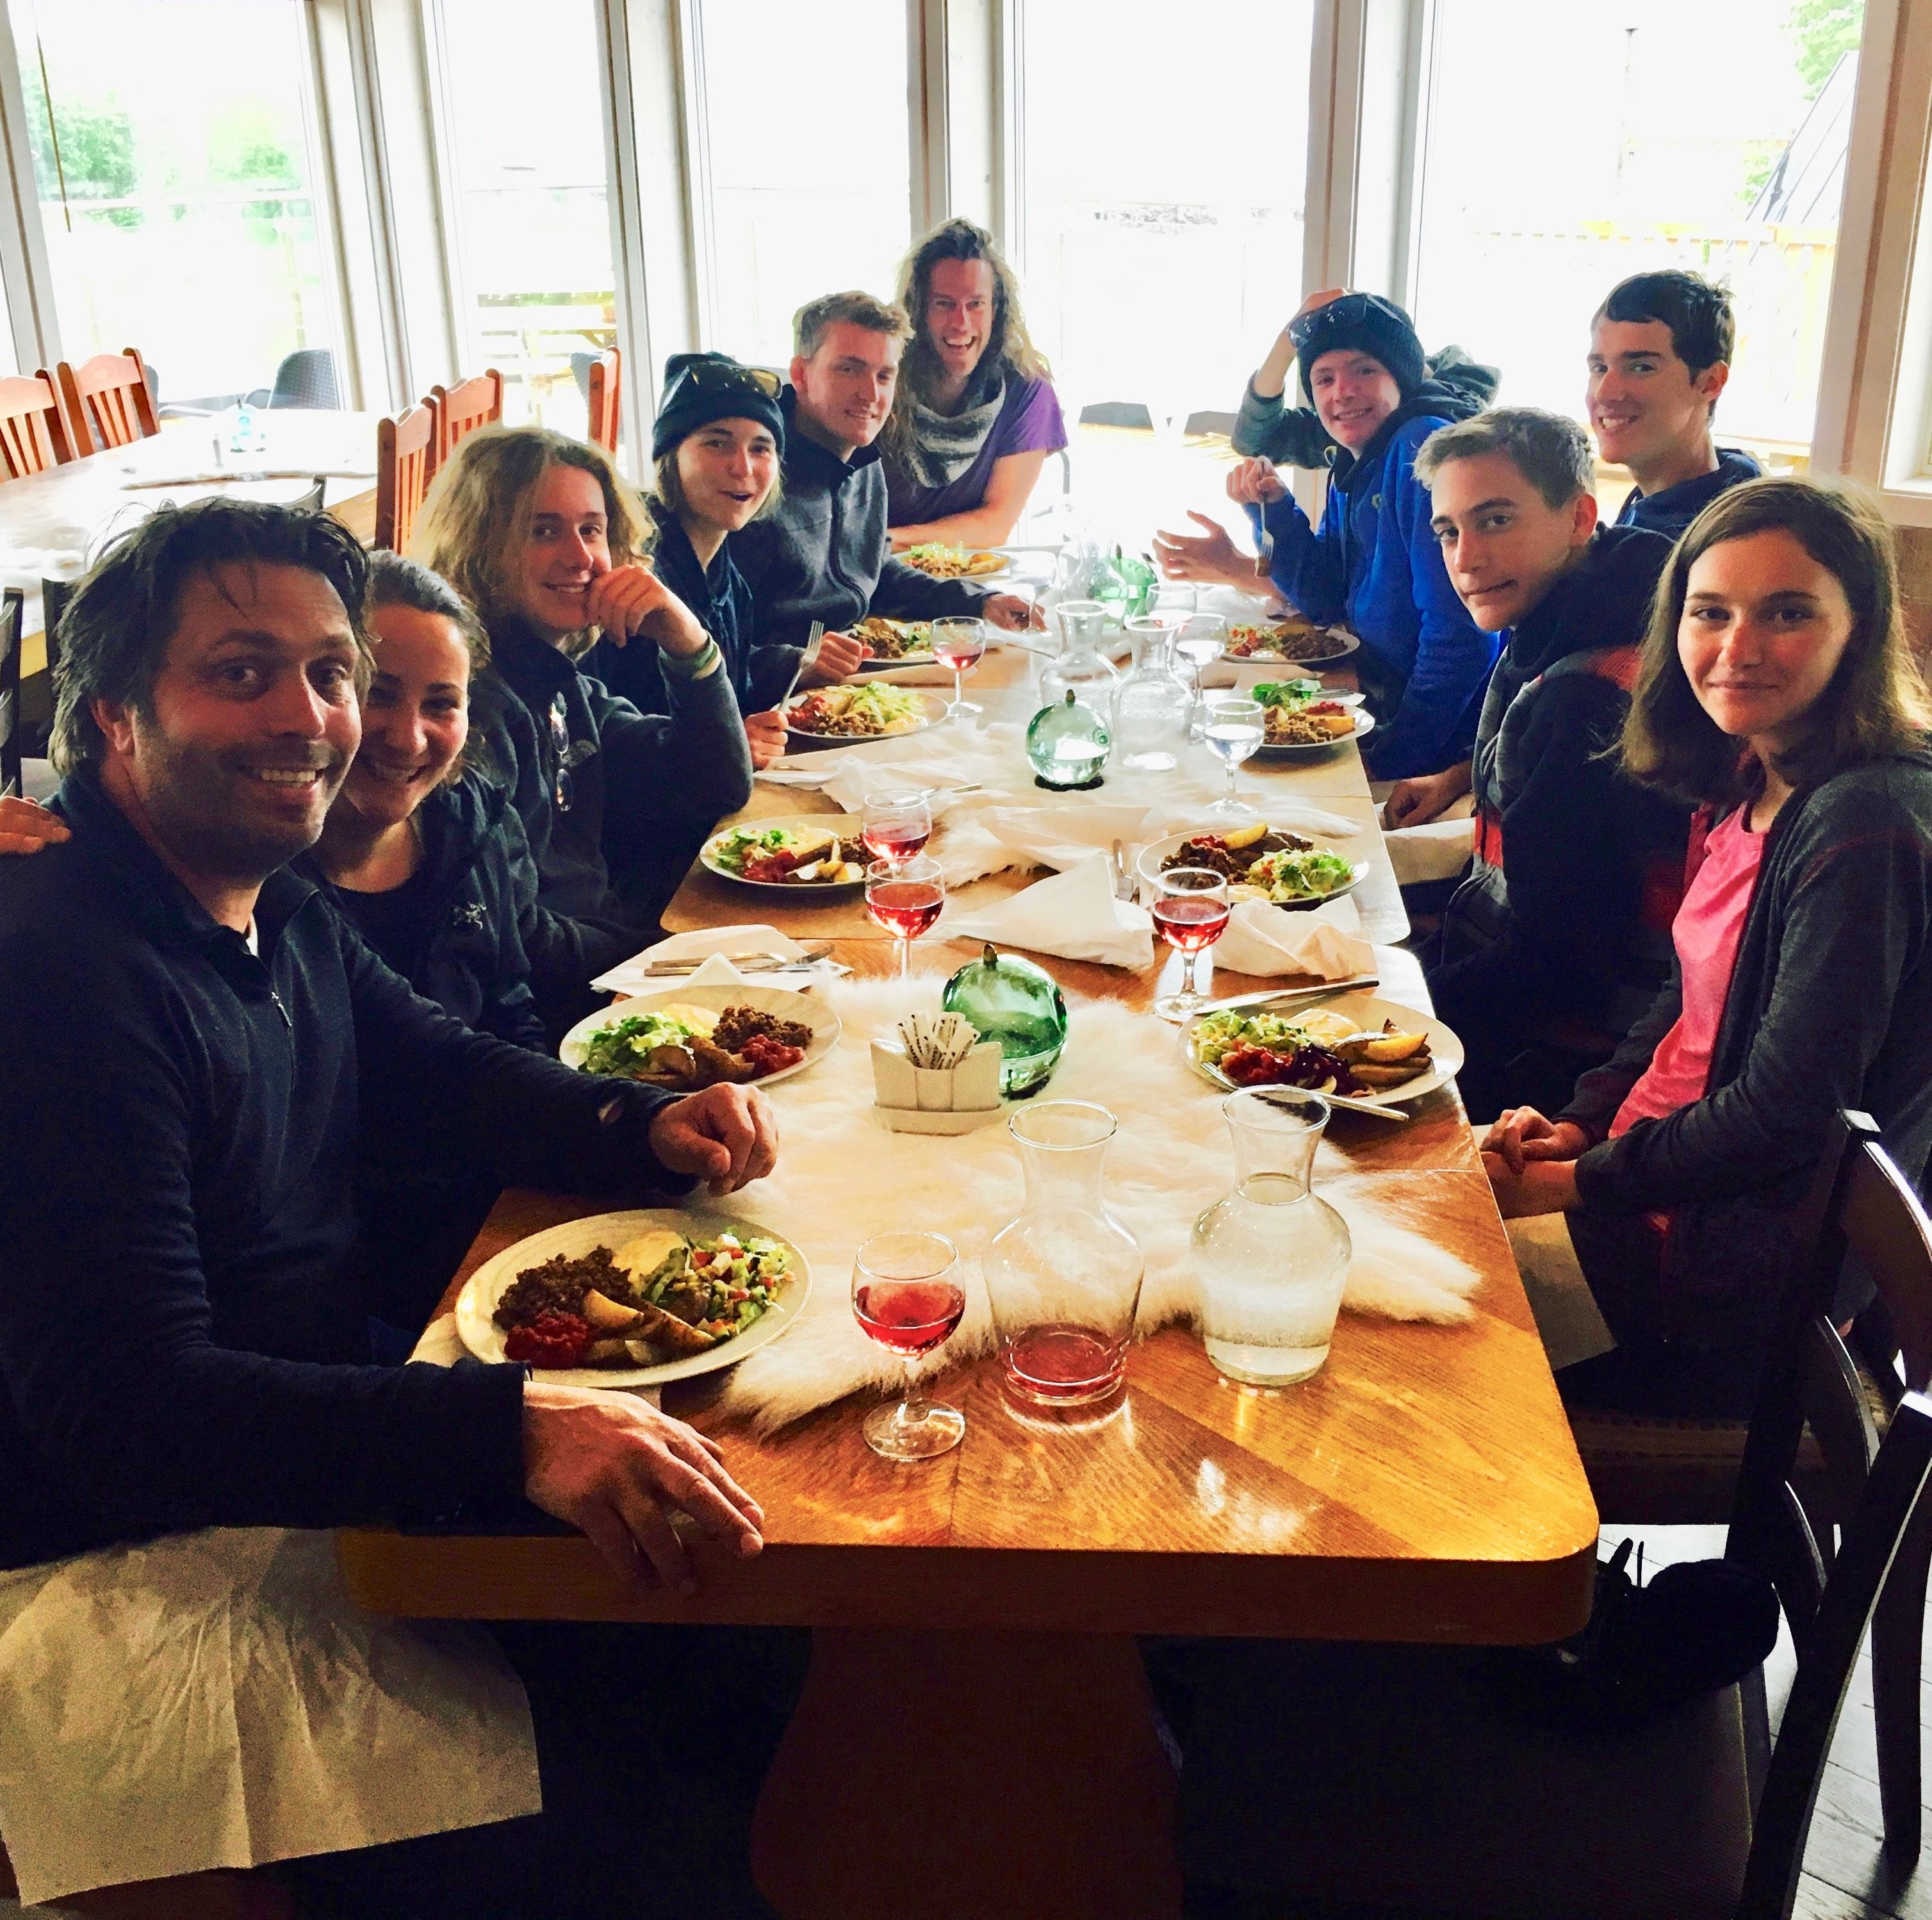 Øy cruise og geit gård erfaring